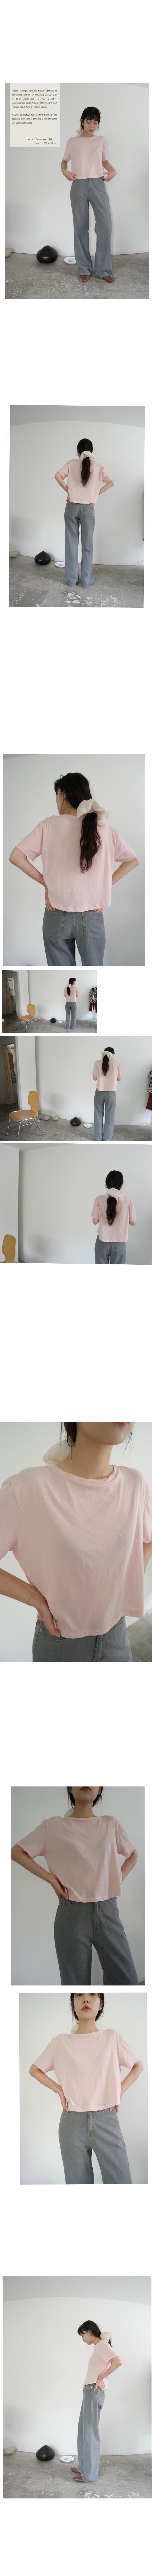 cut-off semi cropped top